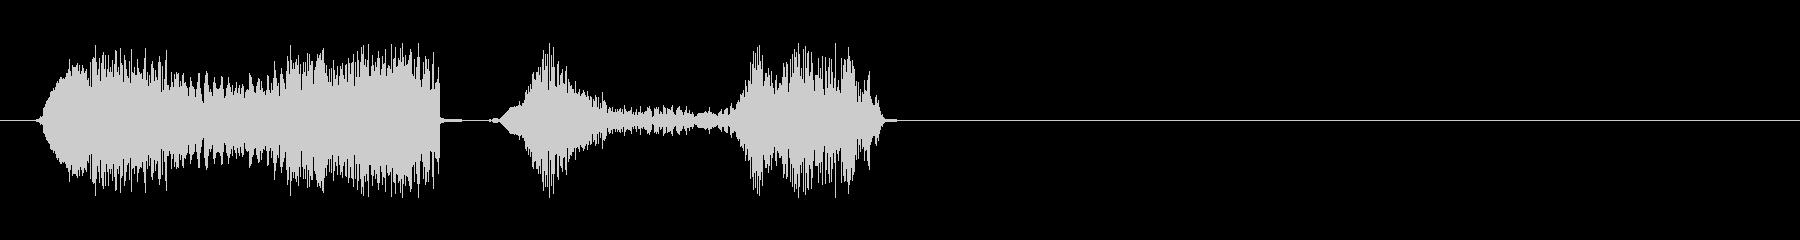 薄いスクイージスイープの未再生の波形